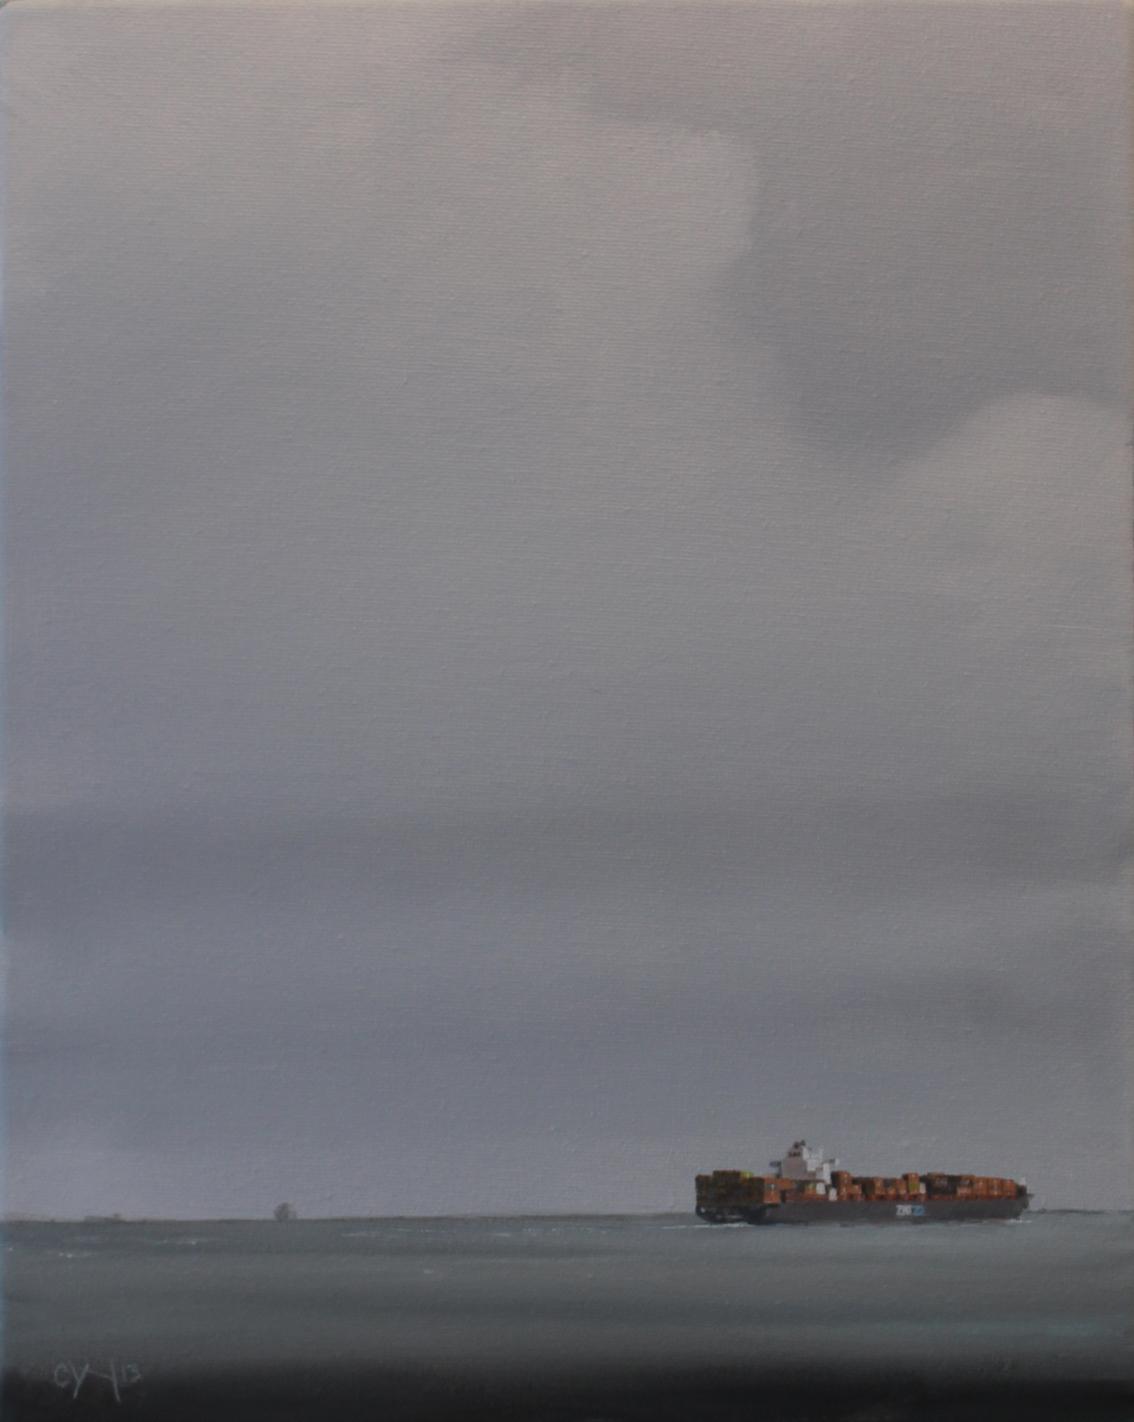 """""""Halifax Shipping Lane - Zim Mediterranean"""" - 11"""" x 14"""" - Oil on canvas - 2012 : SOLD"""